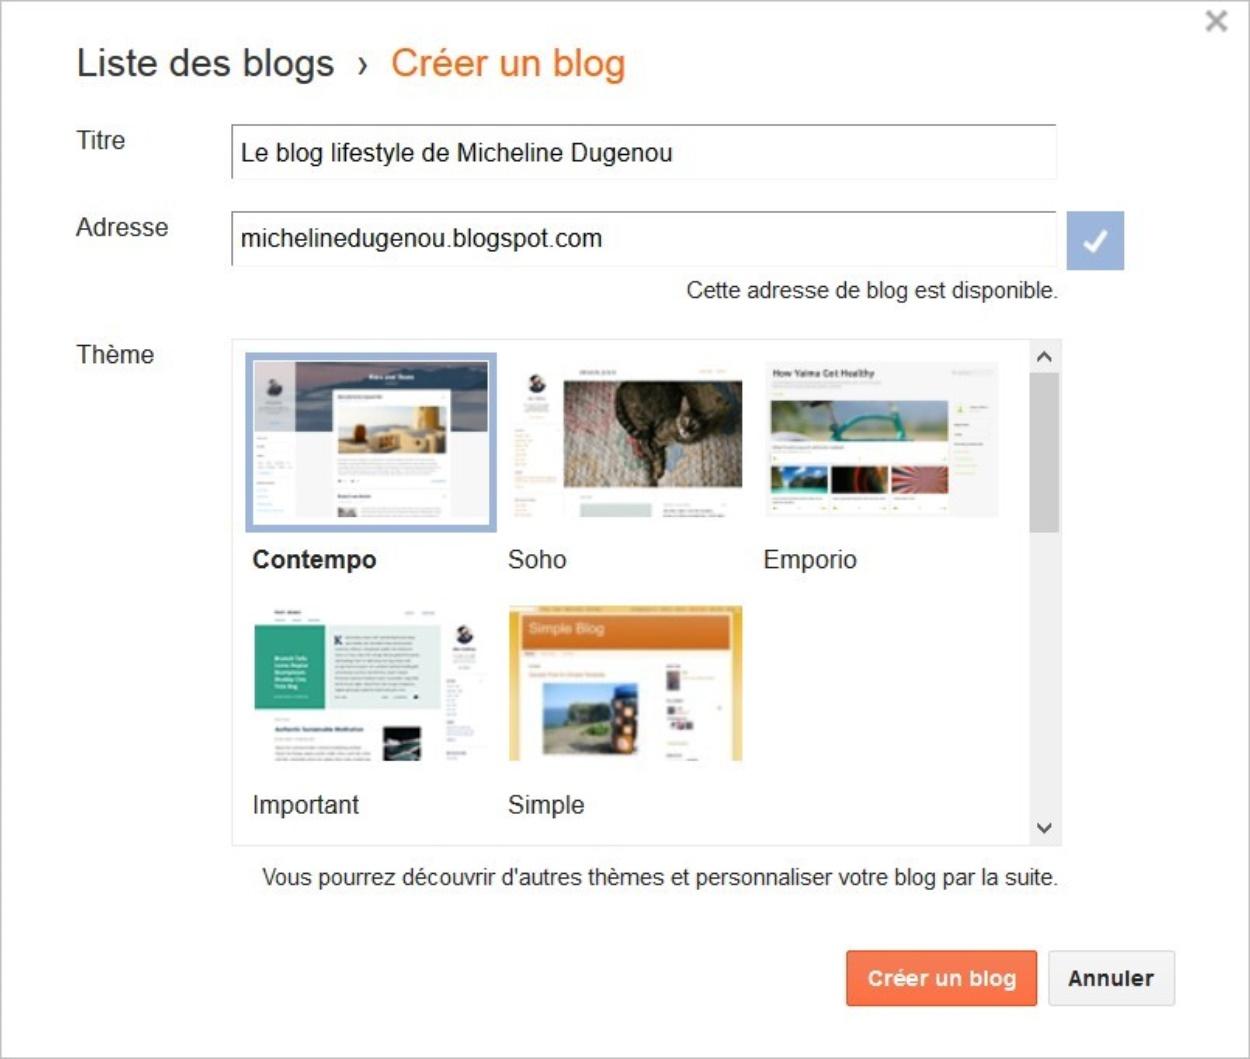 Création d'un blog gratuit avec Blogger